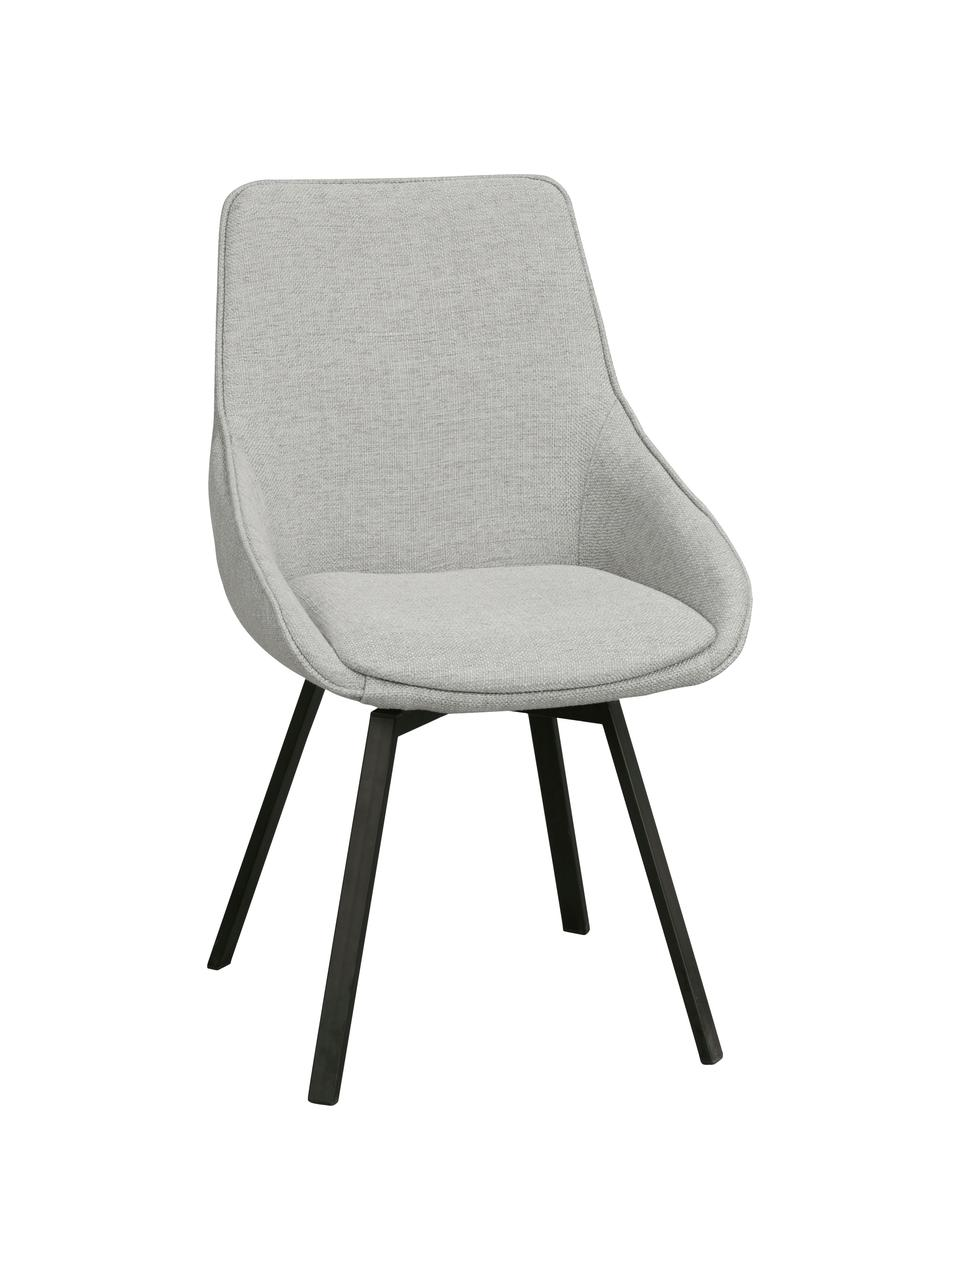 Tapicerowane krzesło obrotowe Alison, Tapicerka: poliester Dzięki tkaninie, Nogi: metal malowany proszkowo, Jasny szary, S 51 x G 57 cm